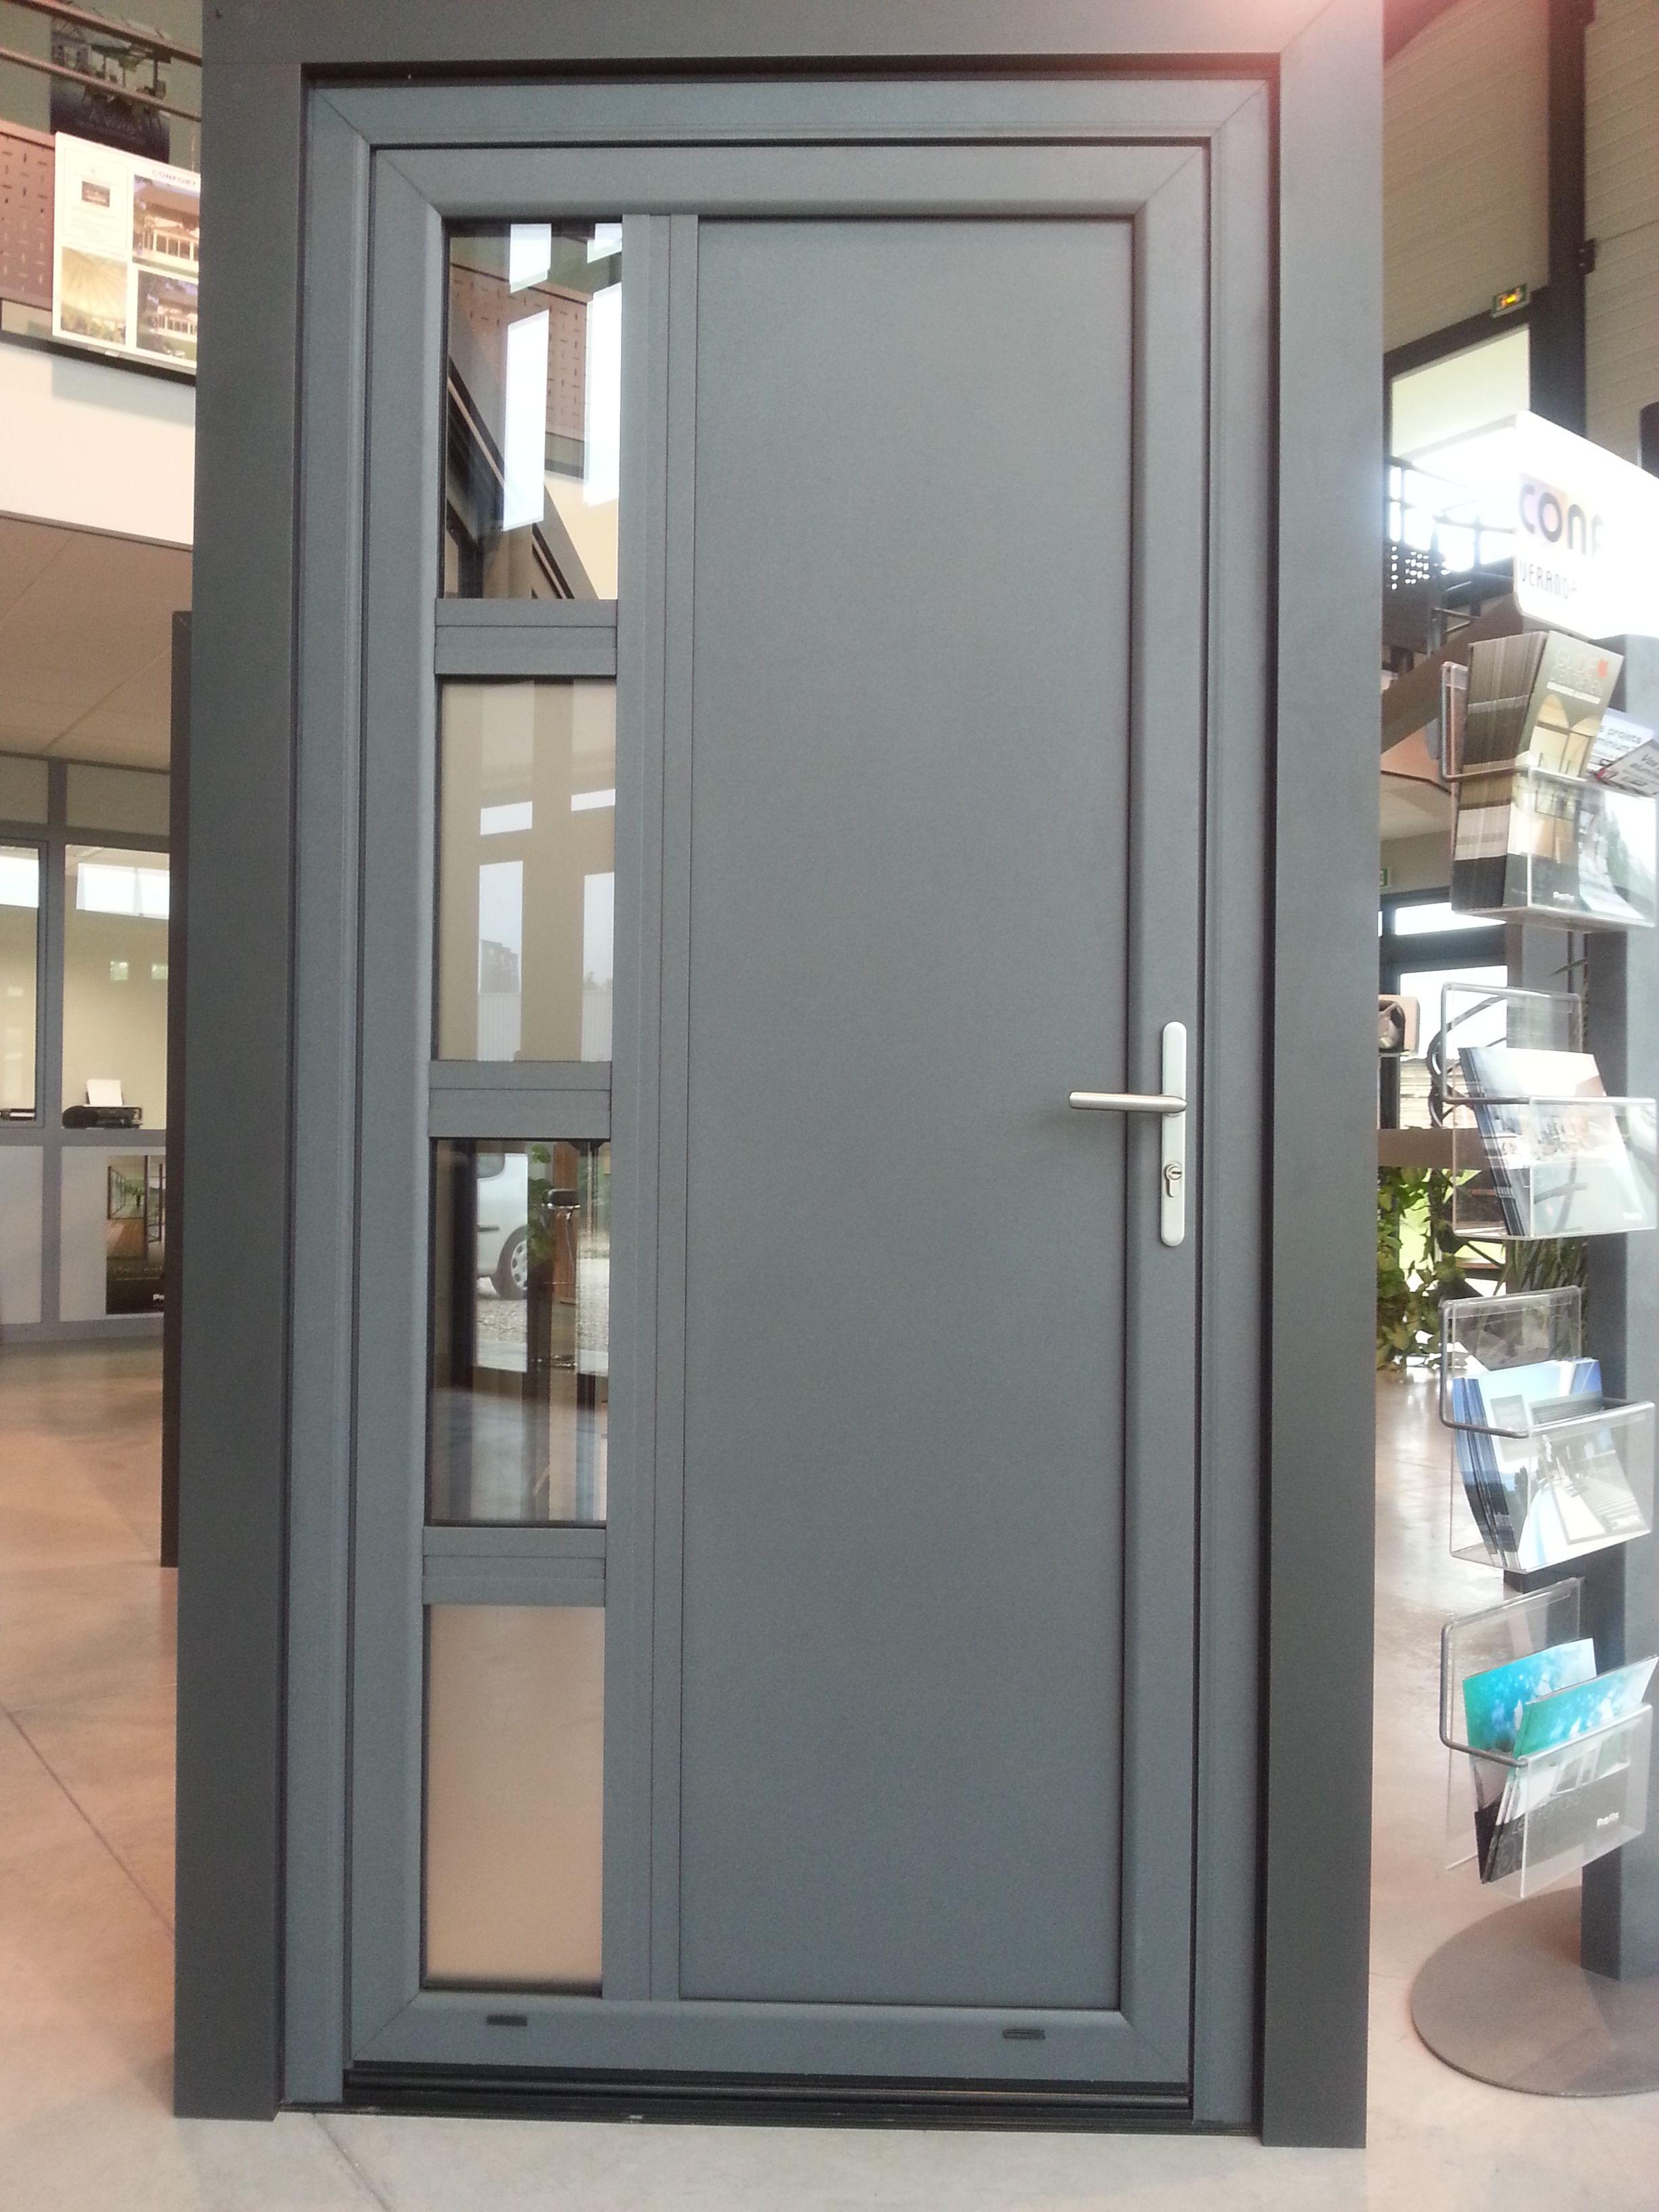 Jolie Porte D Entree Aluminium Ton Gris De Chez Confort Loisirs